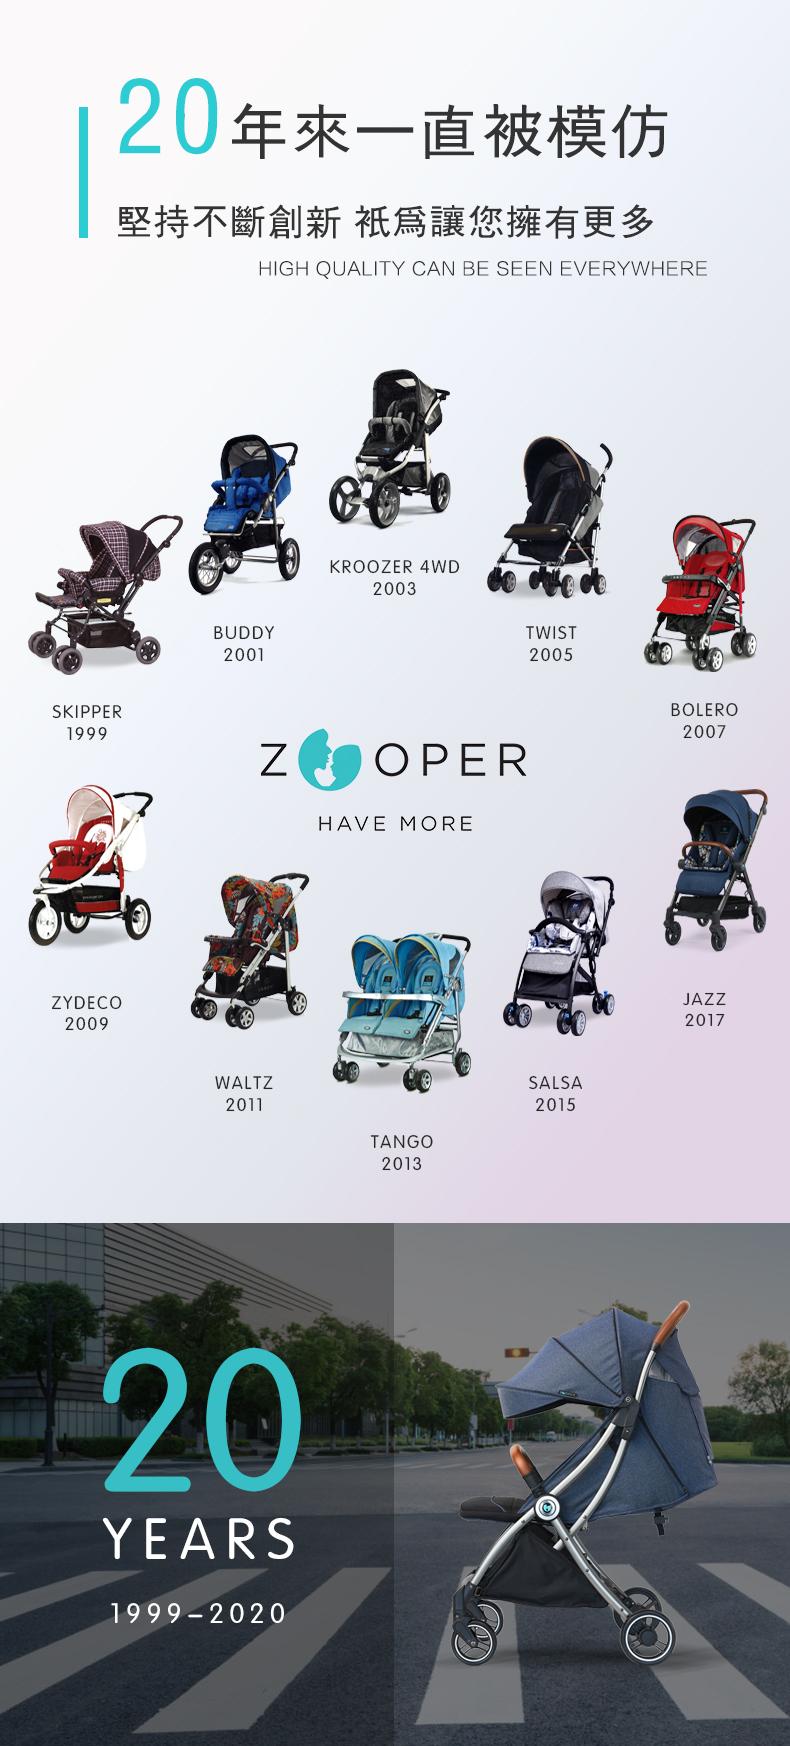 zooper-chacha-2